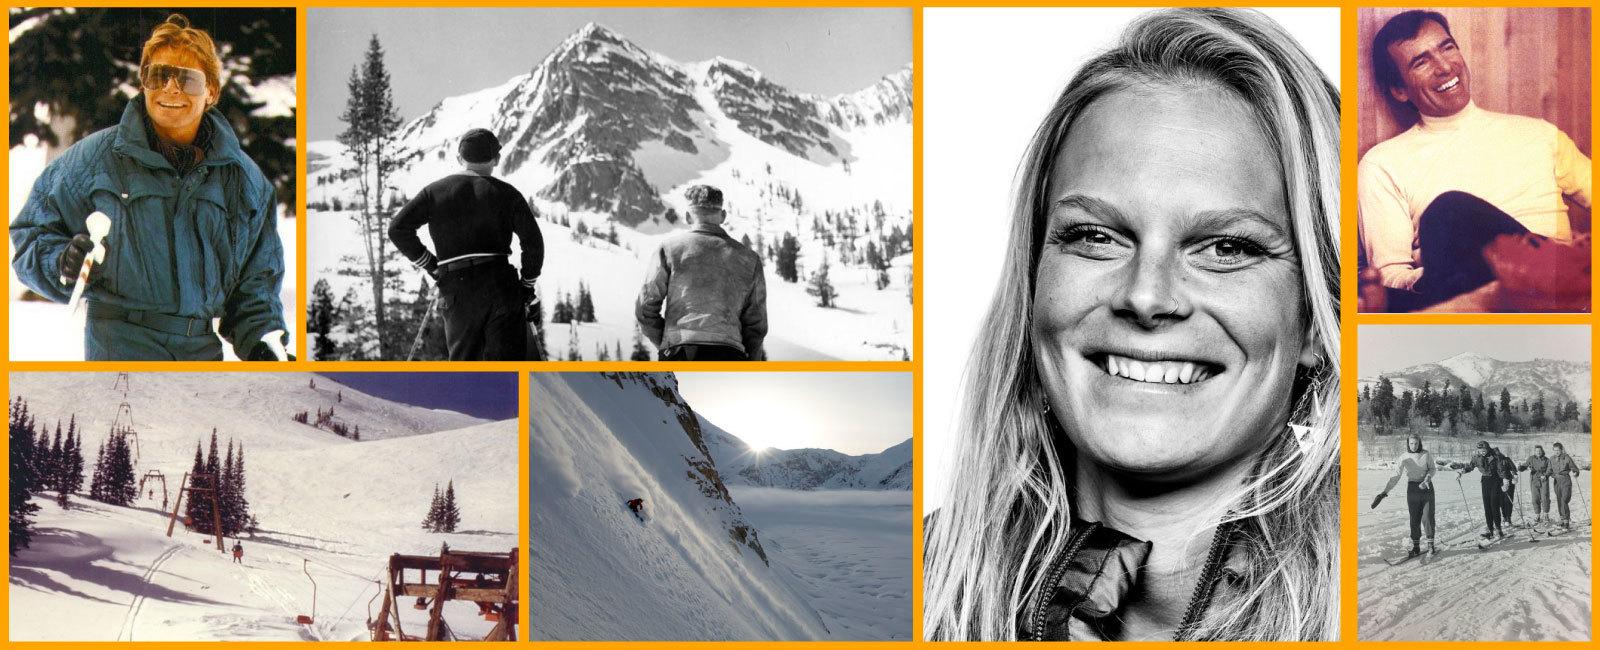 Test Your Ski Utah Knowledge